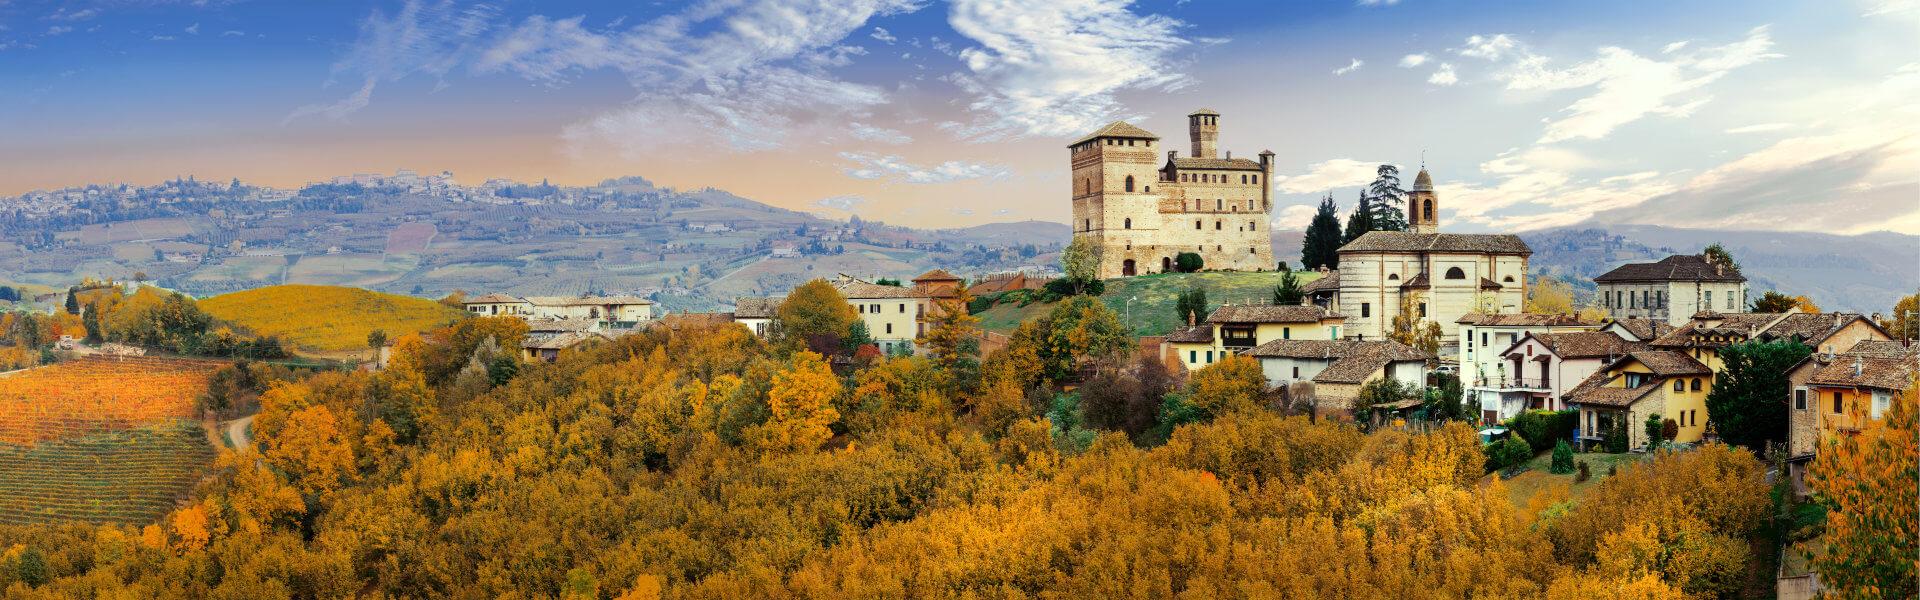 Castle Grinzane Cavour, Barolo DOCG wine region, Piemonte, Italy